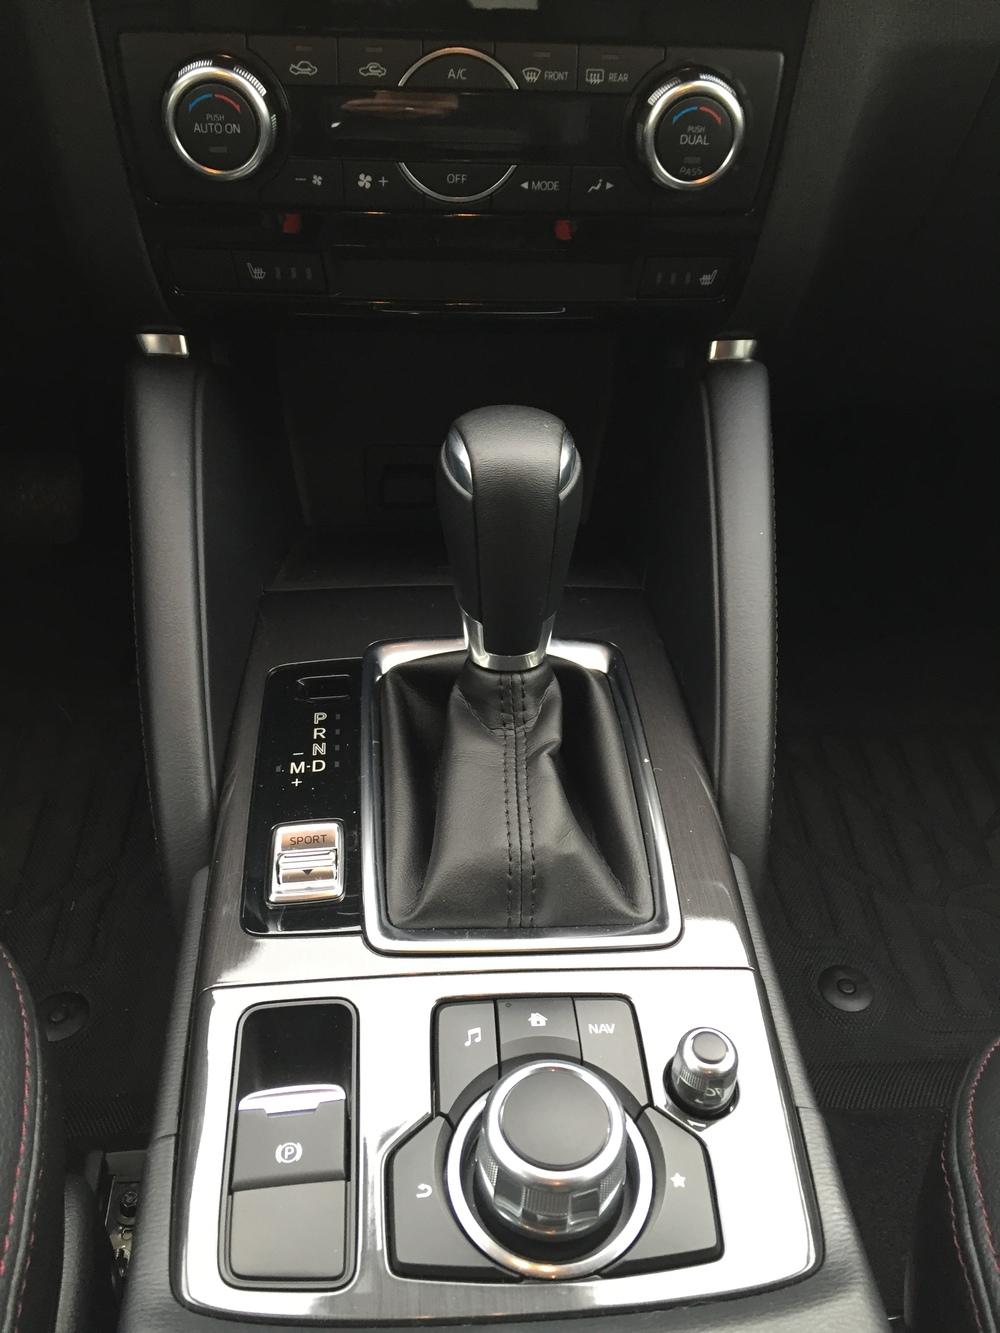 2016 Mazda CX-5 (10).JPG